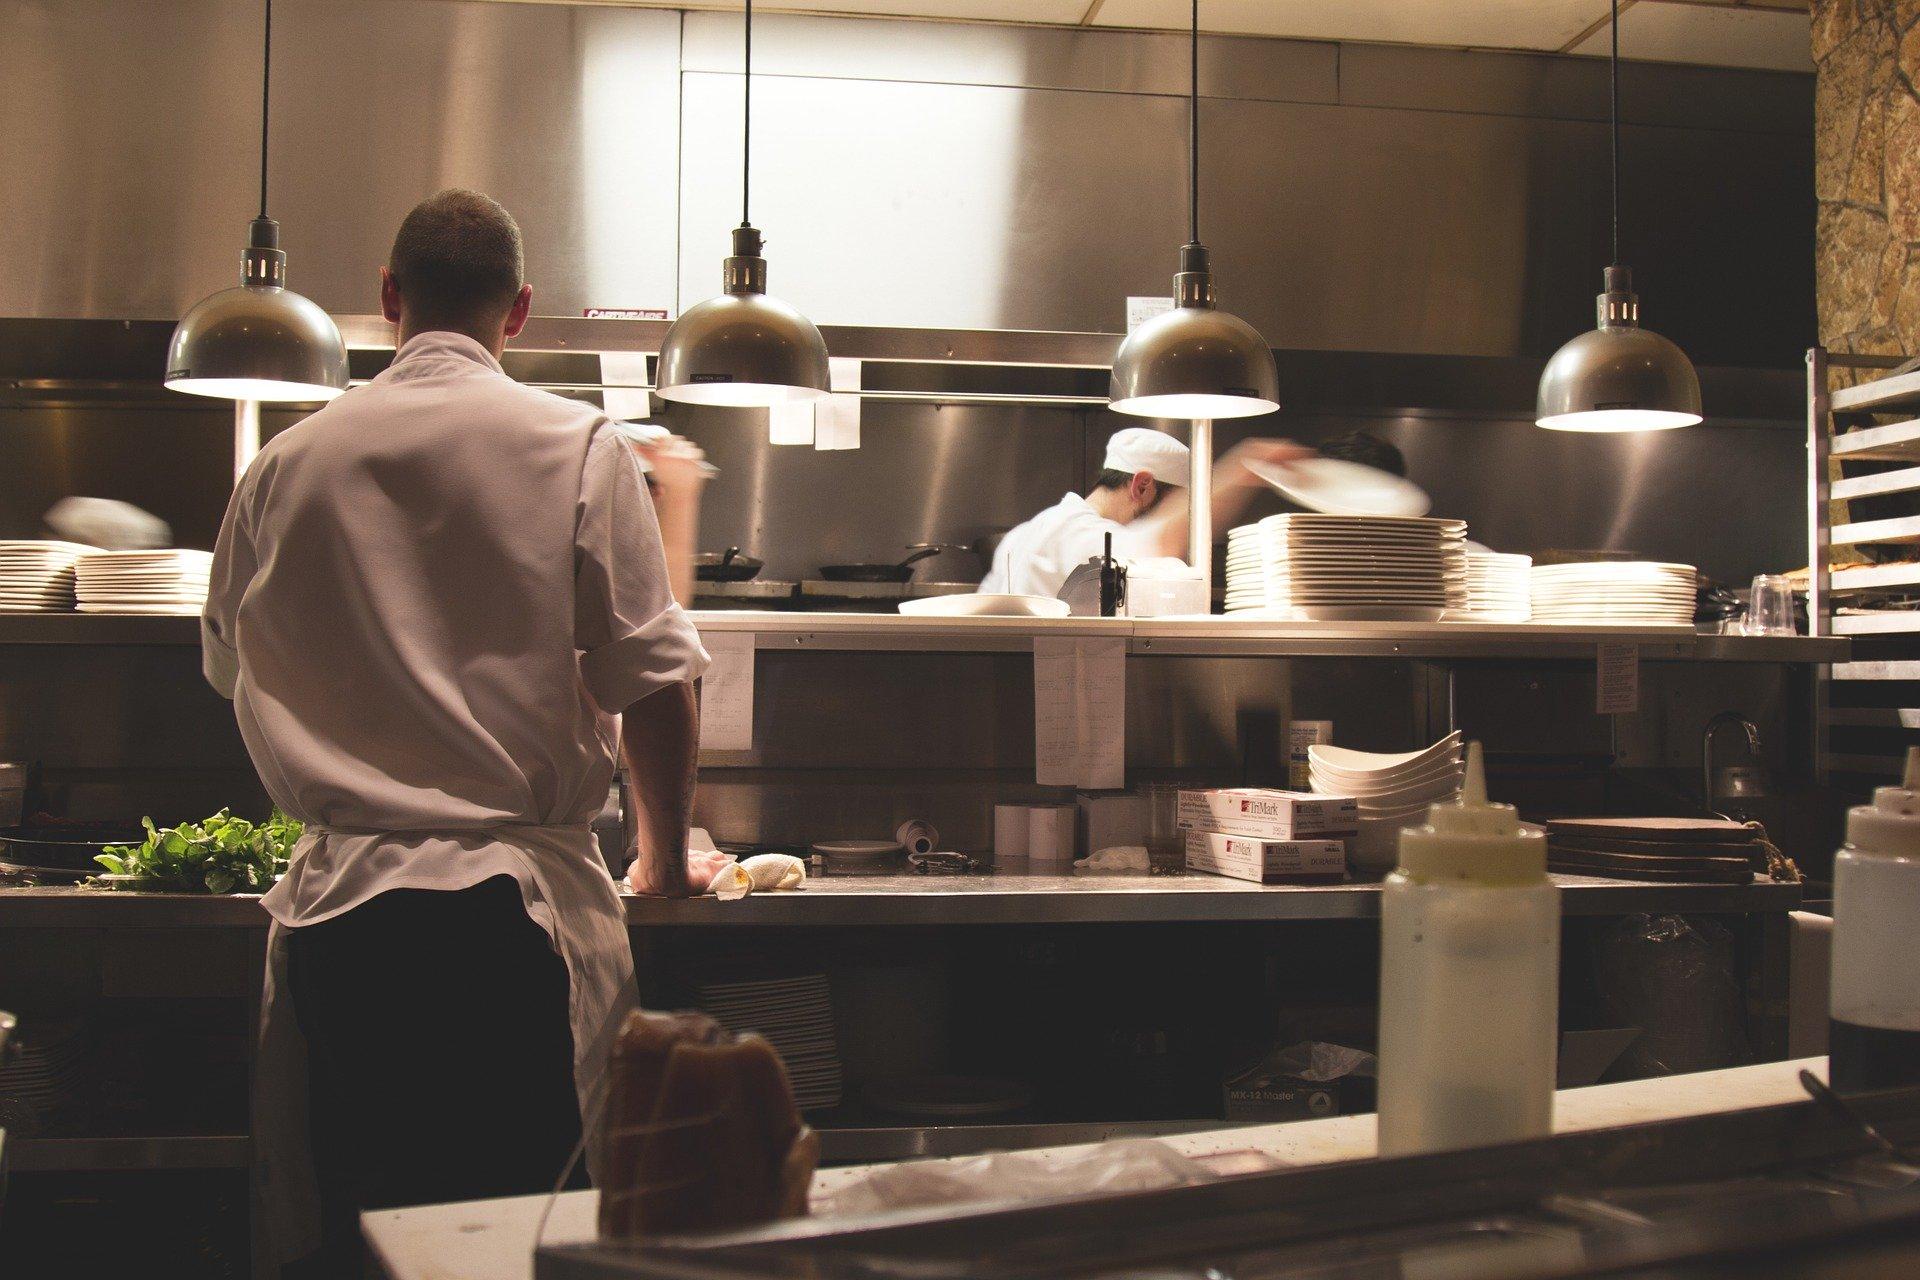 Vous êtes un professionnel de la restauration, ou hôtellerie ? Apisphère vous propose sa gamme de produits, dans des conditionnements plus adaptés à vos besoins, tels que du vrac, pour les professionnels de la restauration.